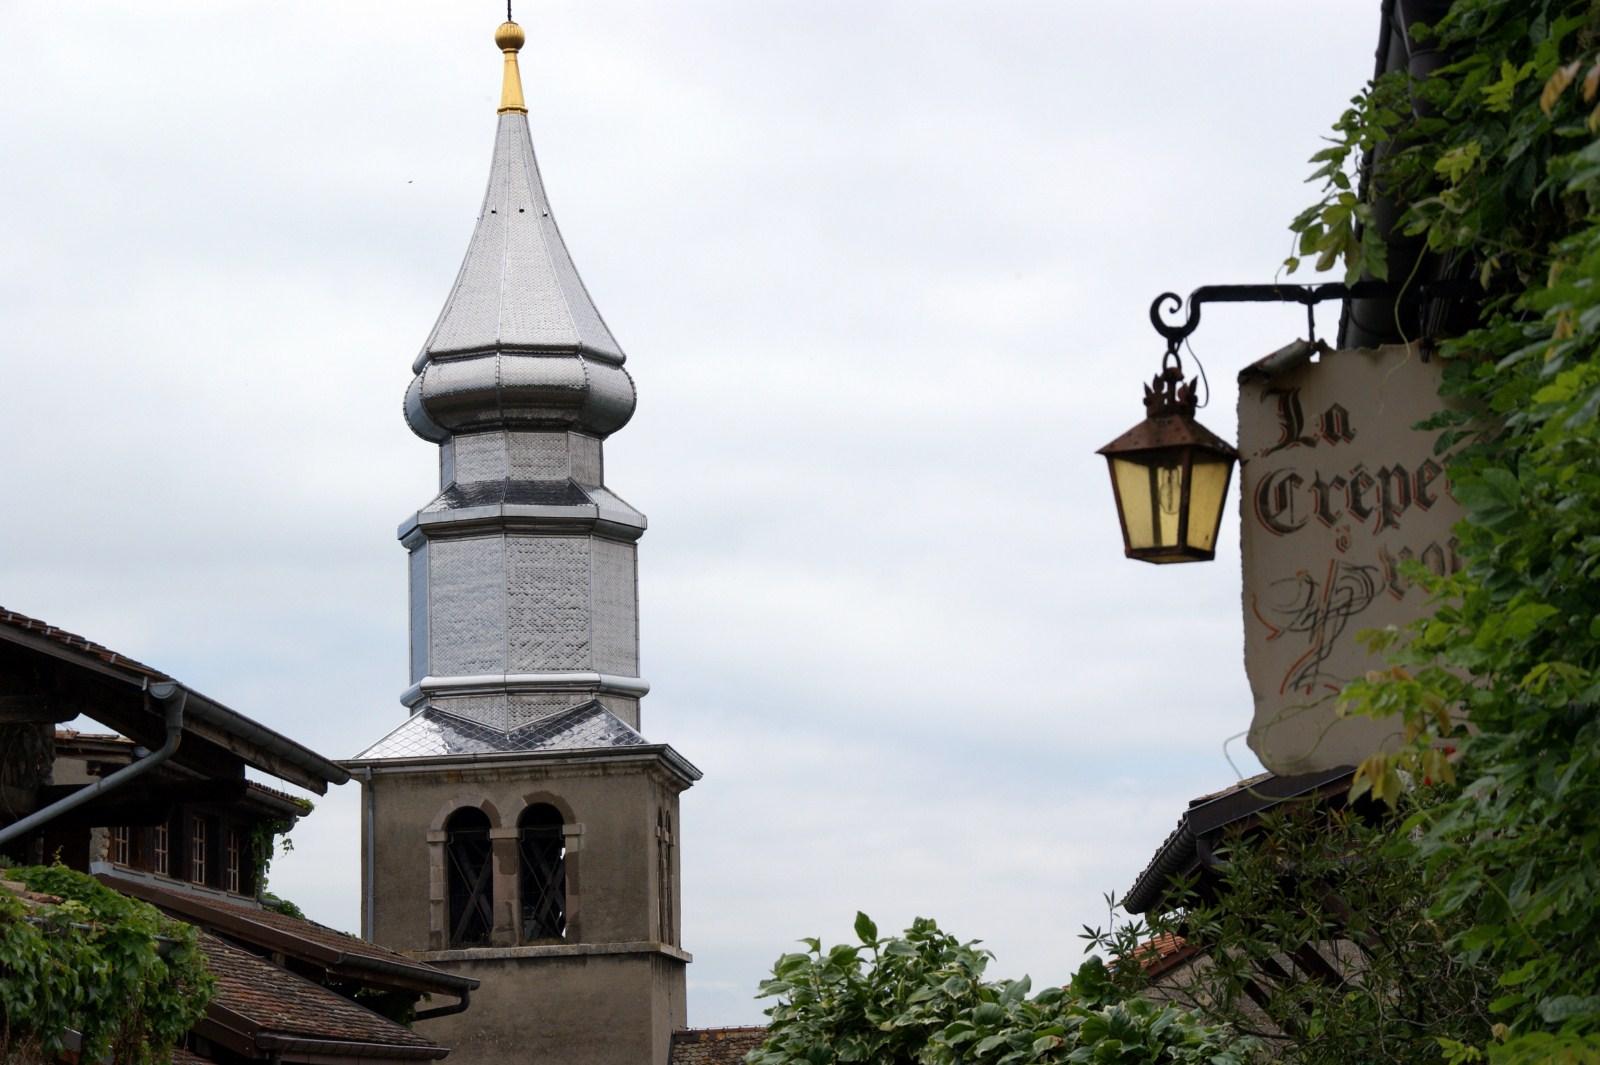 YVOIRE (Haute-Savoie) -France-